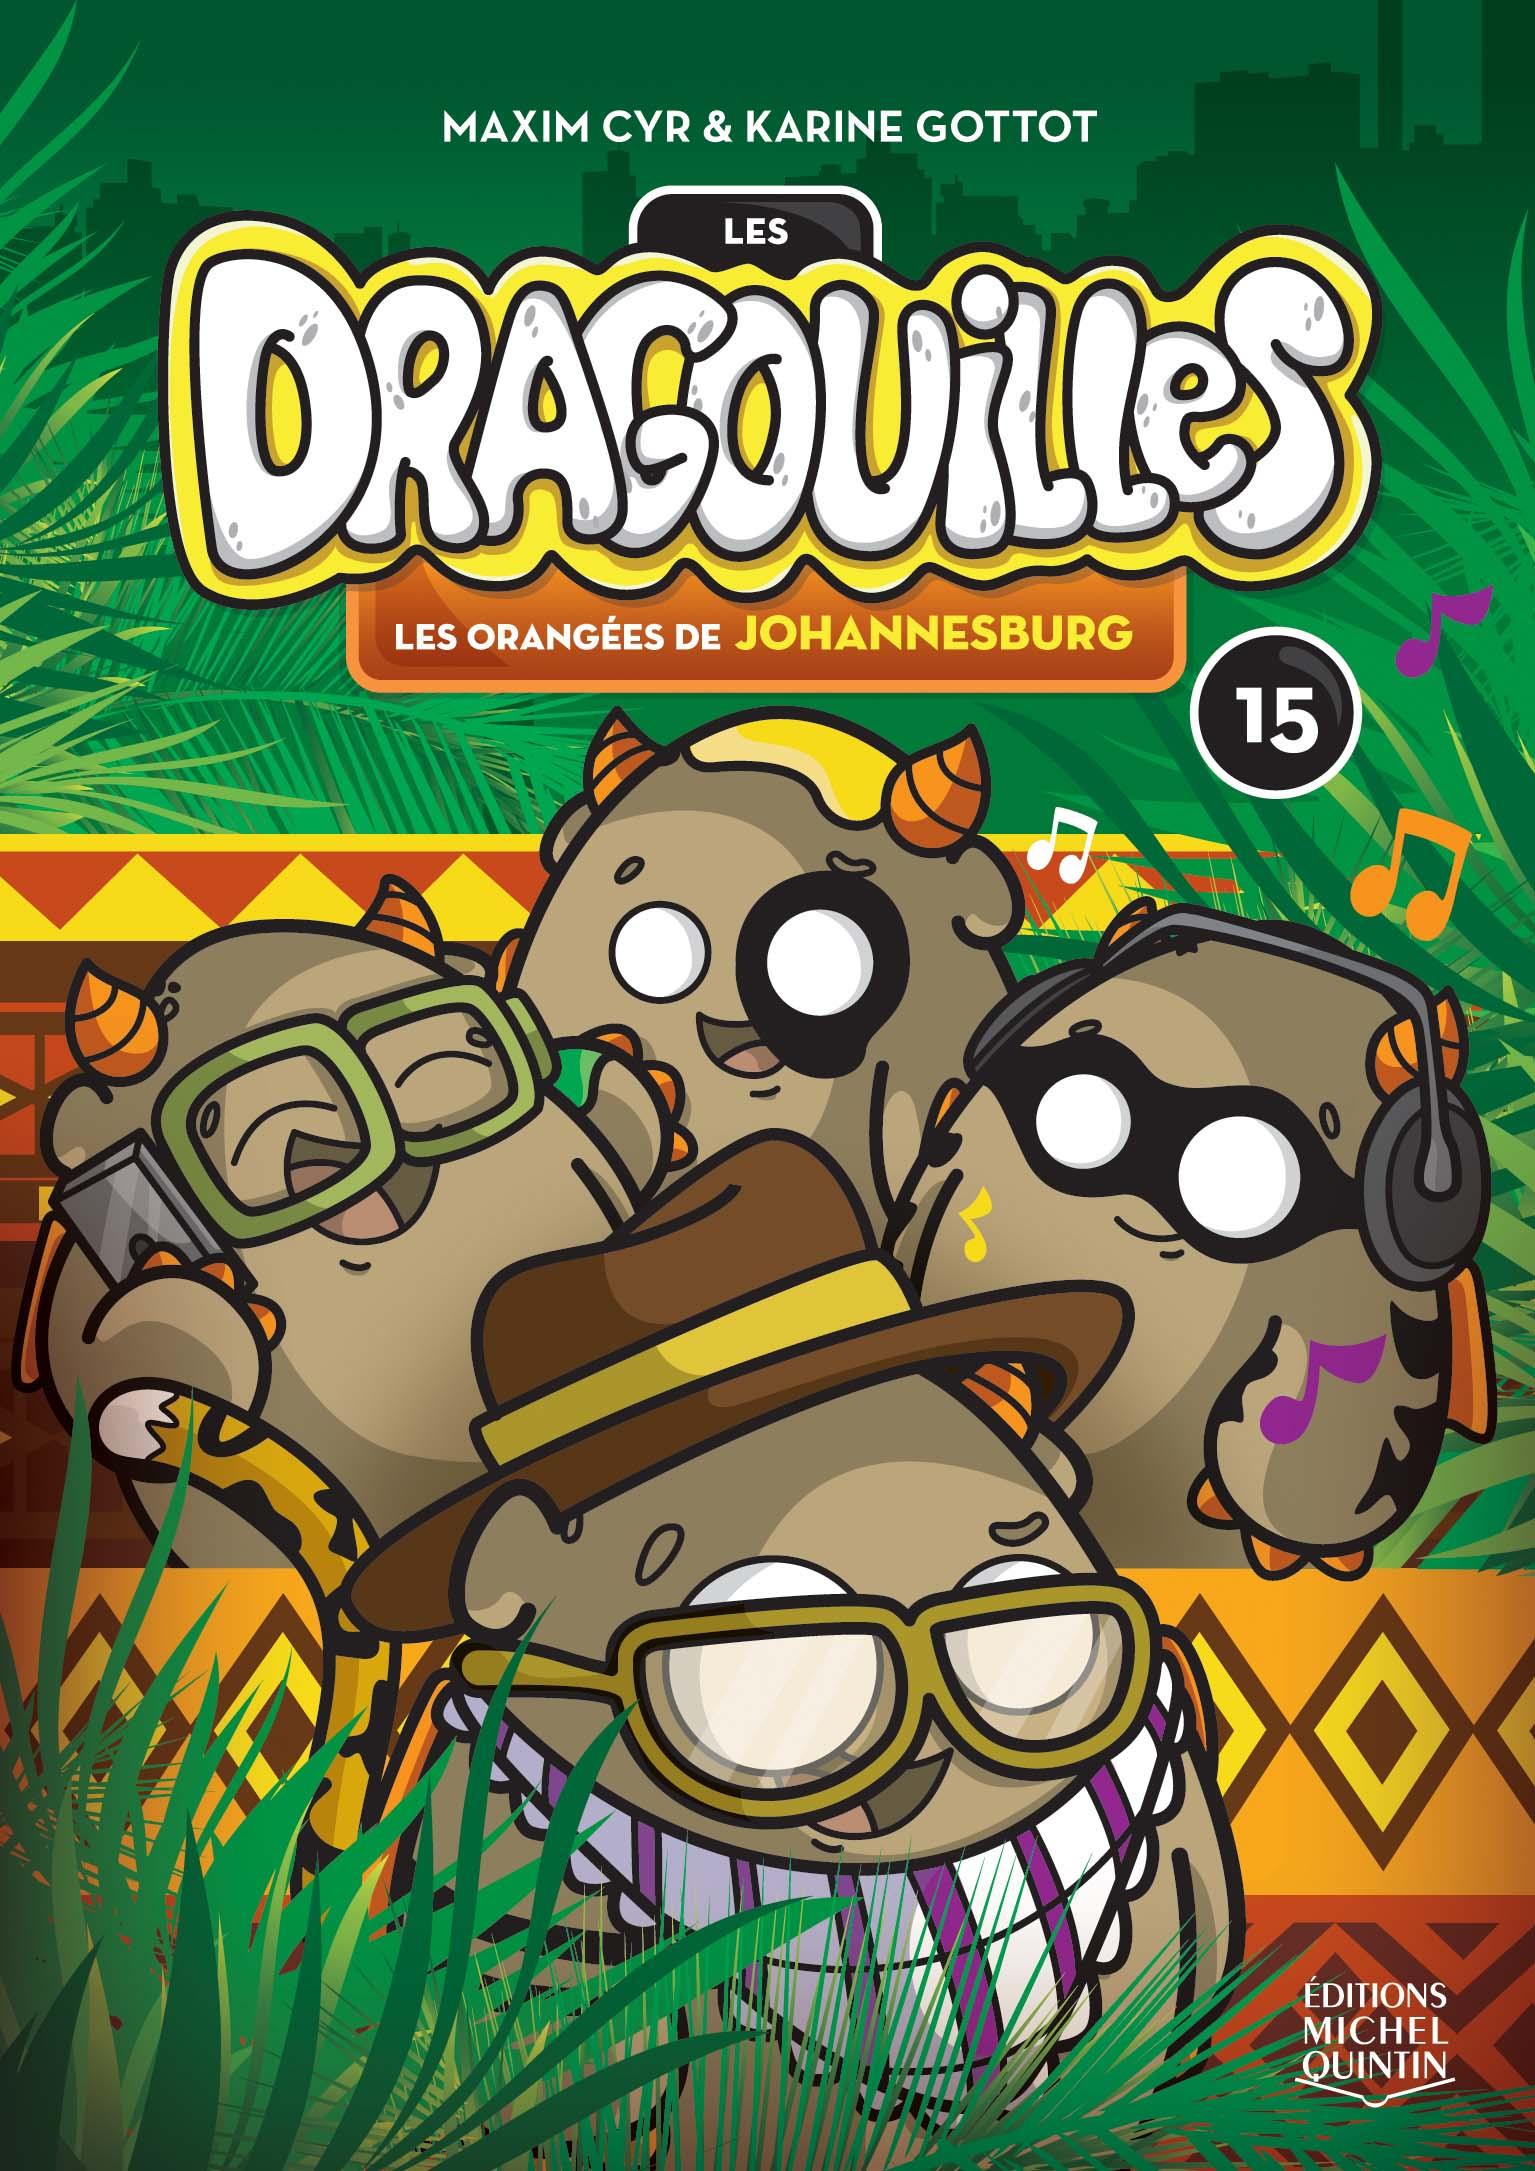 Les dragouilles 15 - Les orangées de Johannesburg